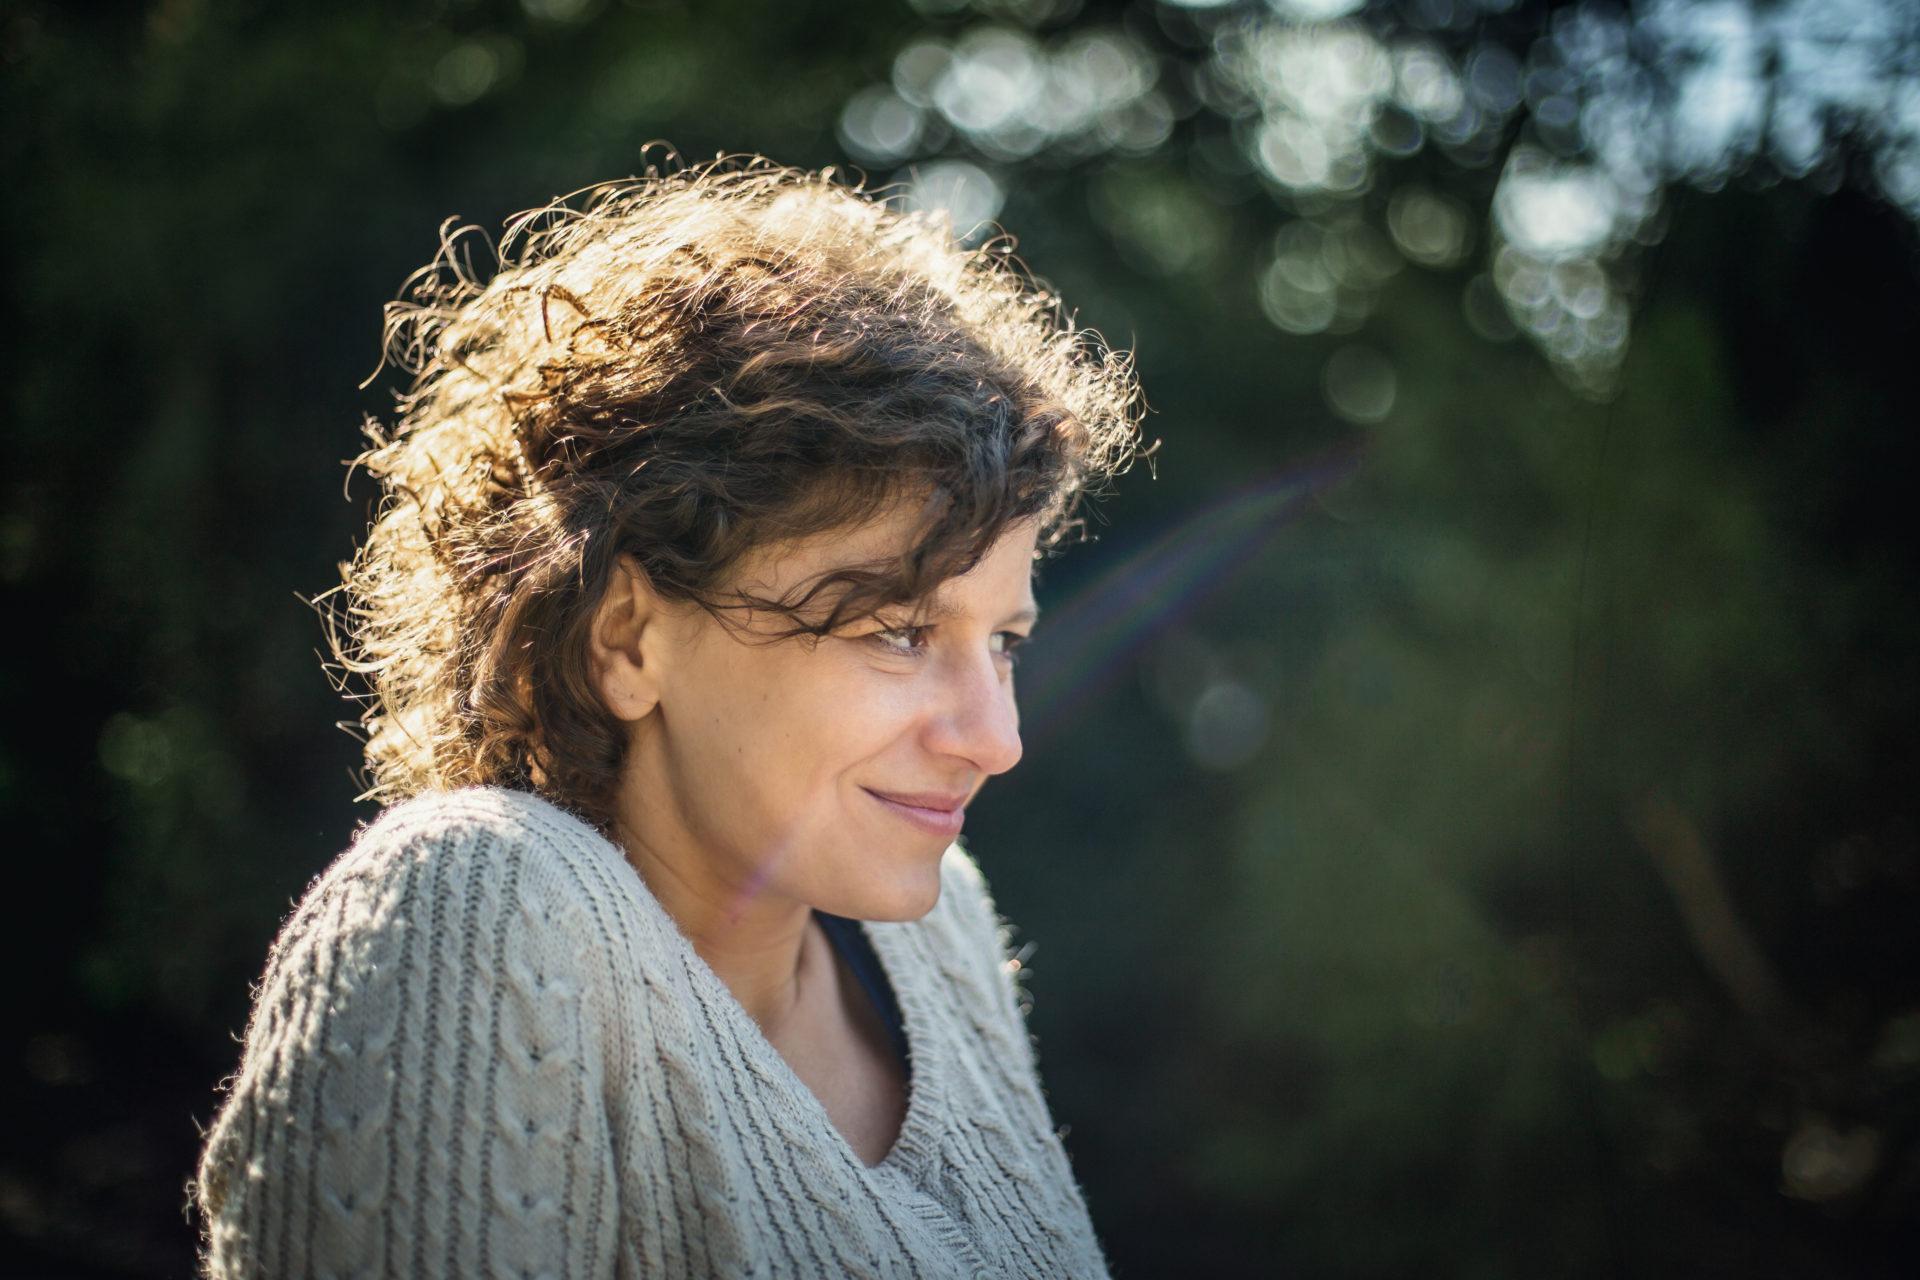 Maria Domzol